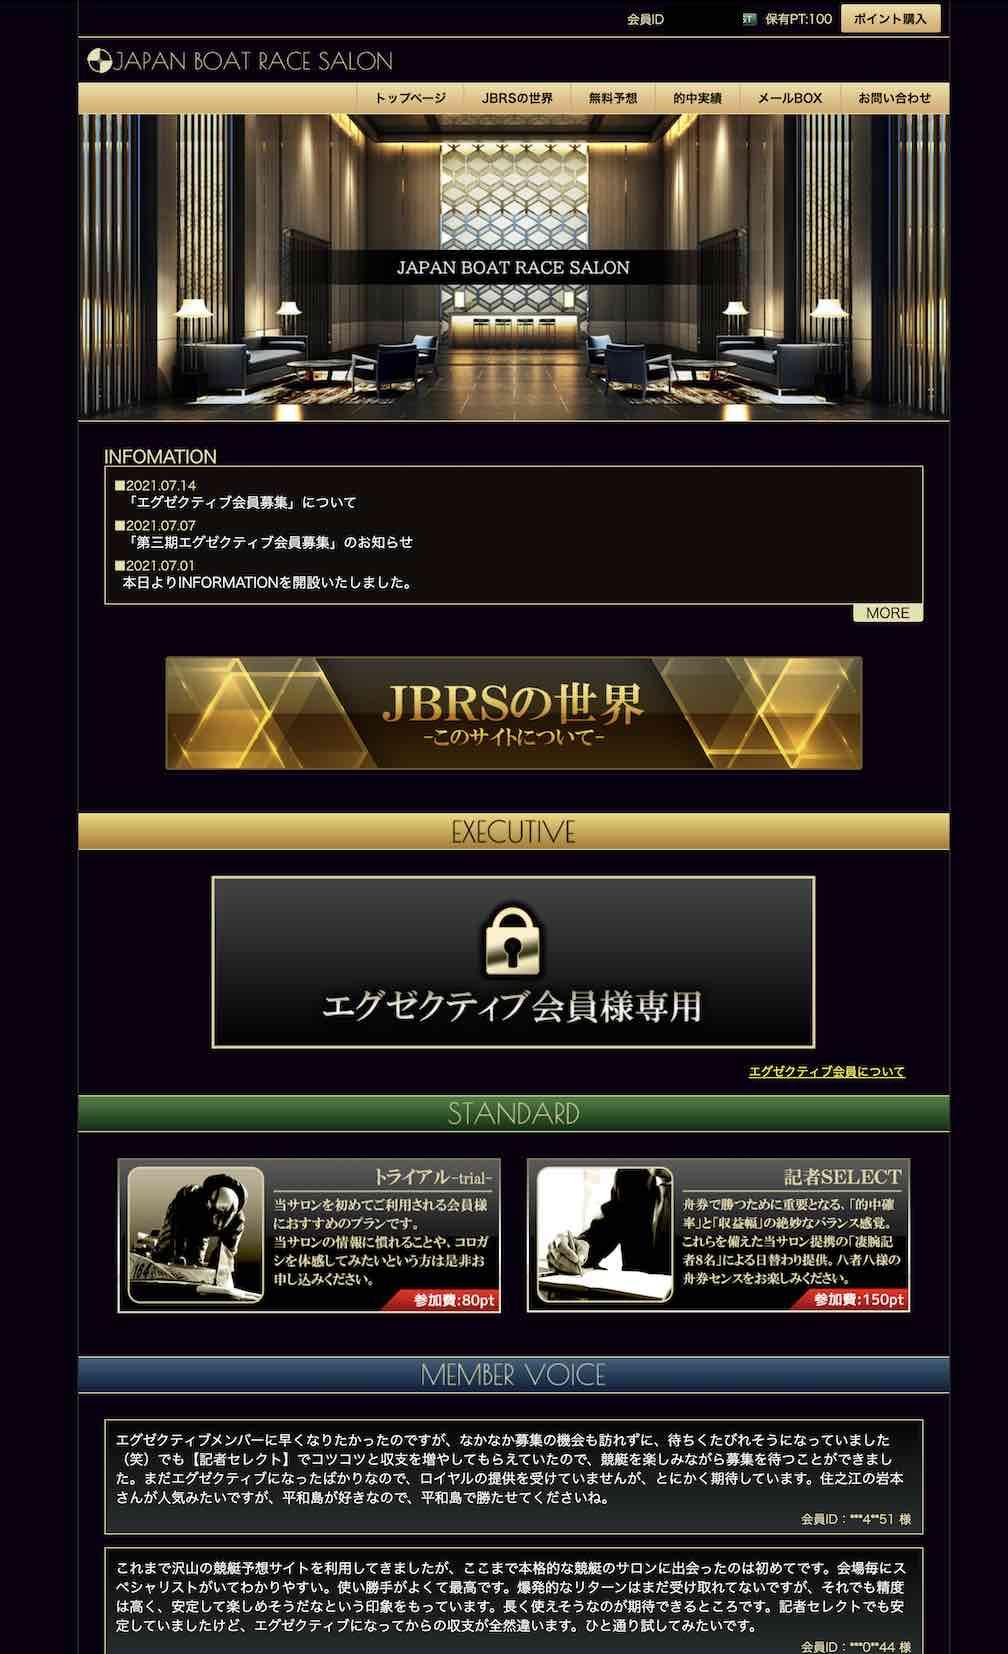 ジャパンボートレースサロンの会員ページ